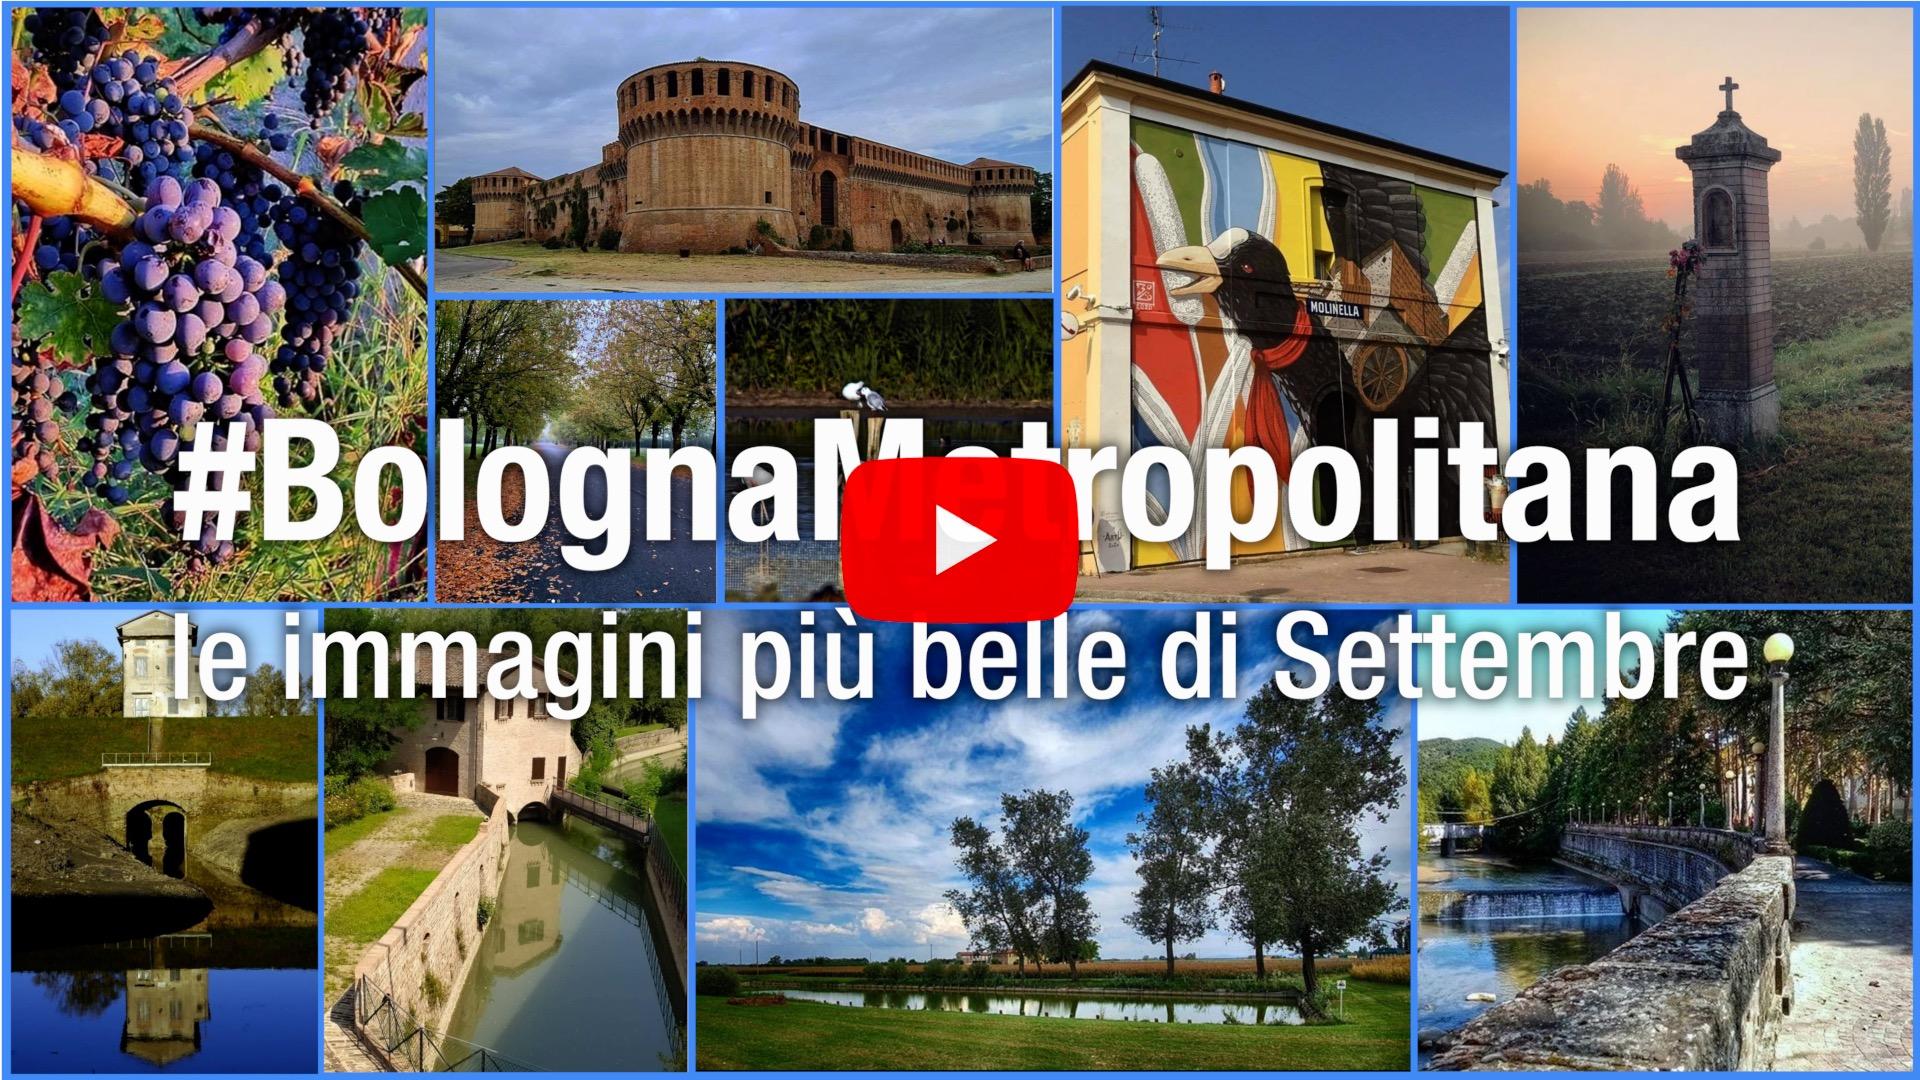 #BolognaMetropolitana - Le immagini più belle di settembre 2020